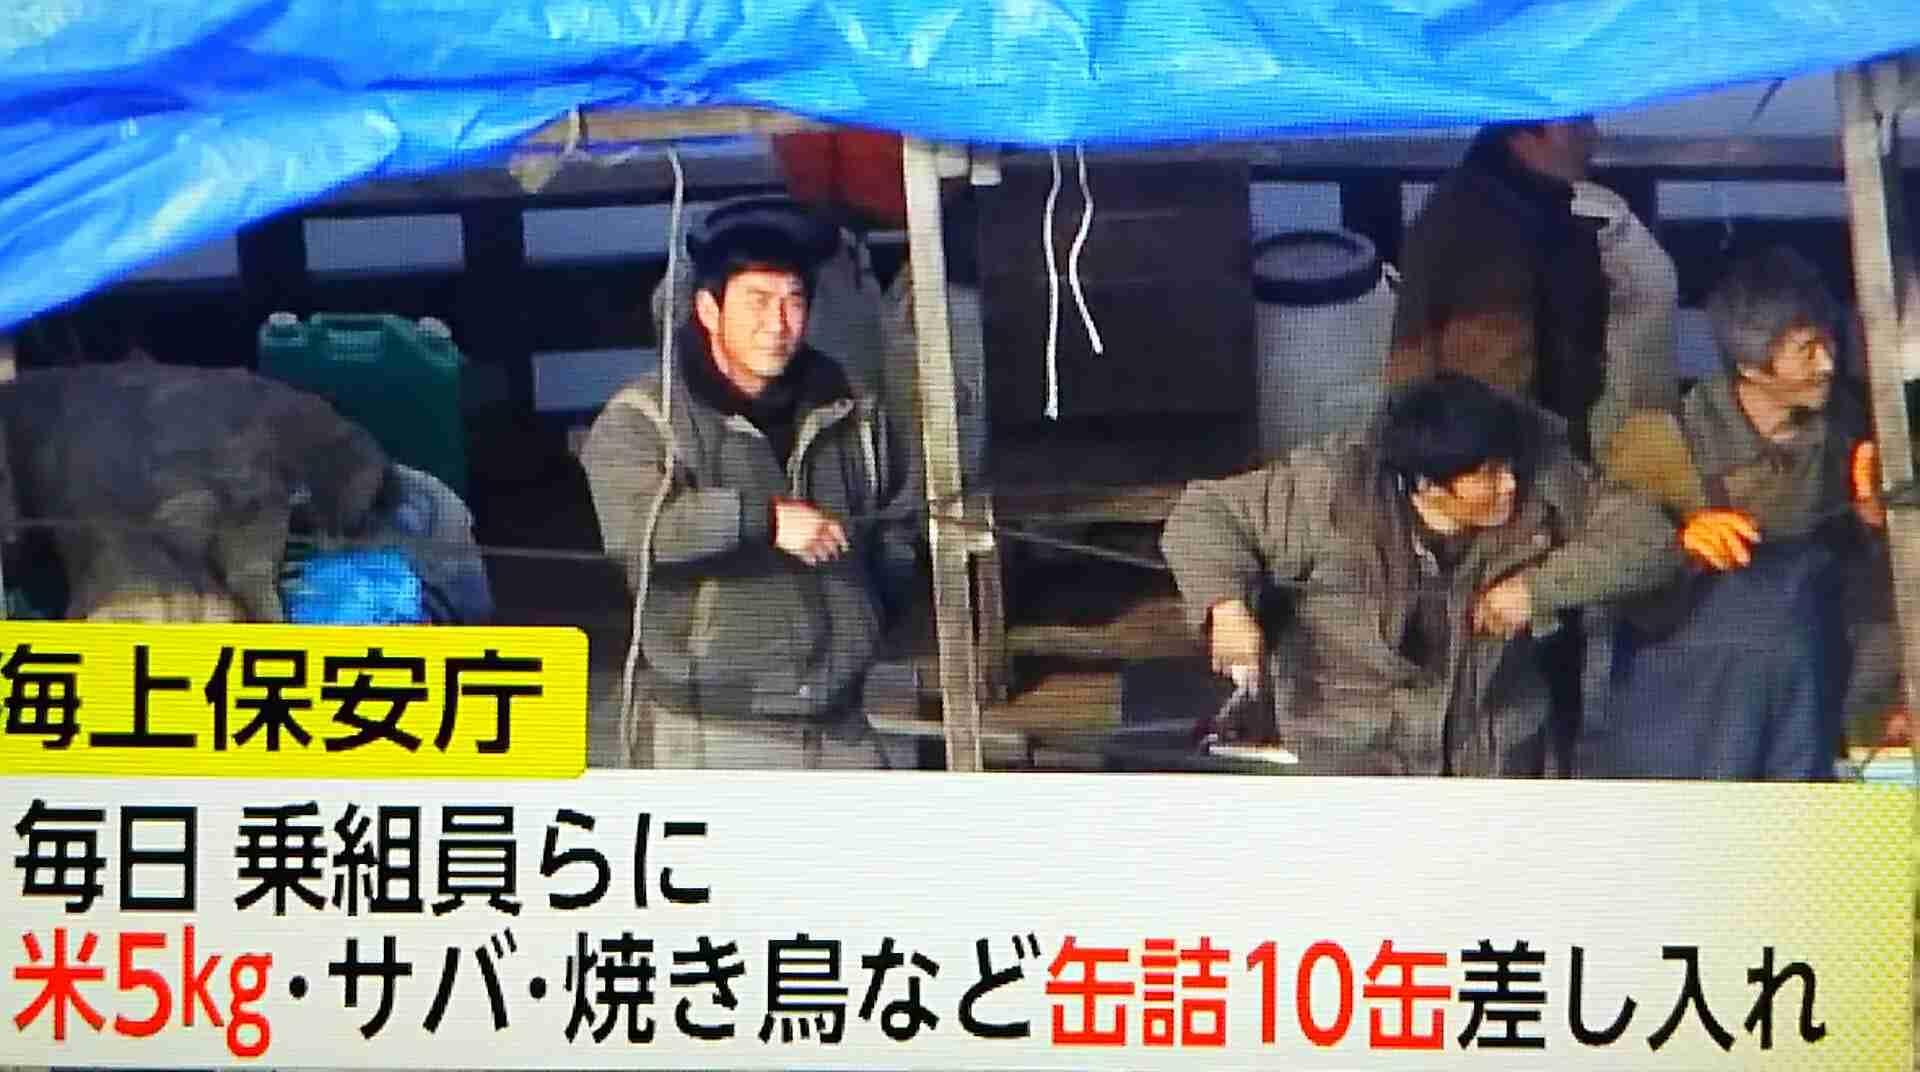 北朝鮮船が立ち寄った島の被害額